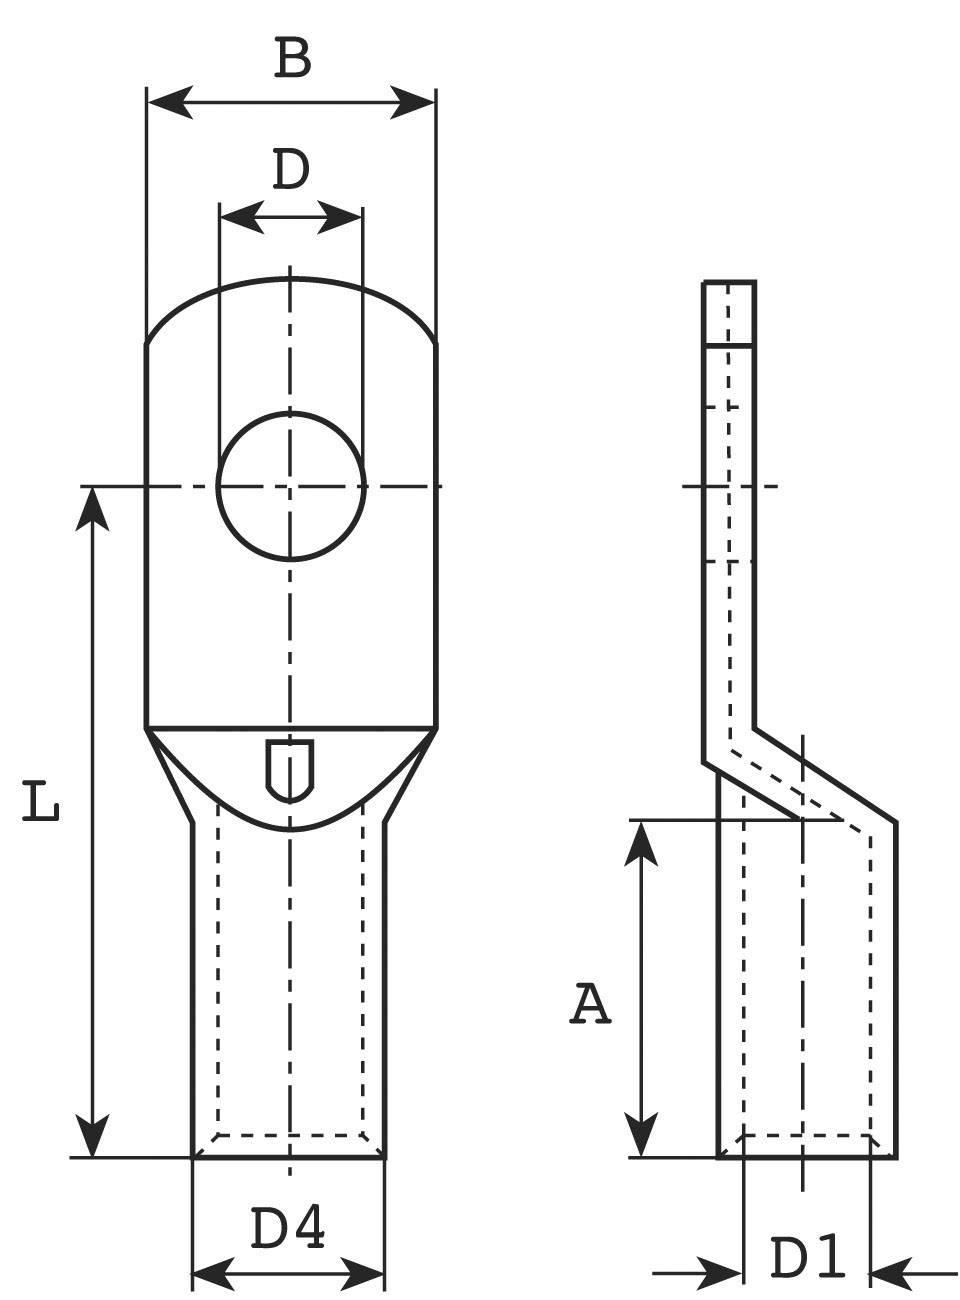 Trubicové káblové oko Vogt Verbindungstechnik 3427A, průřez 25 mm², průměr otvoru 8.5 mm, 1 ks